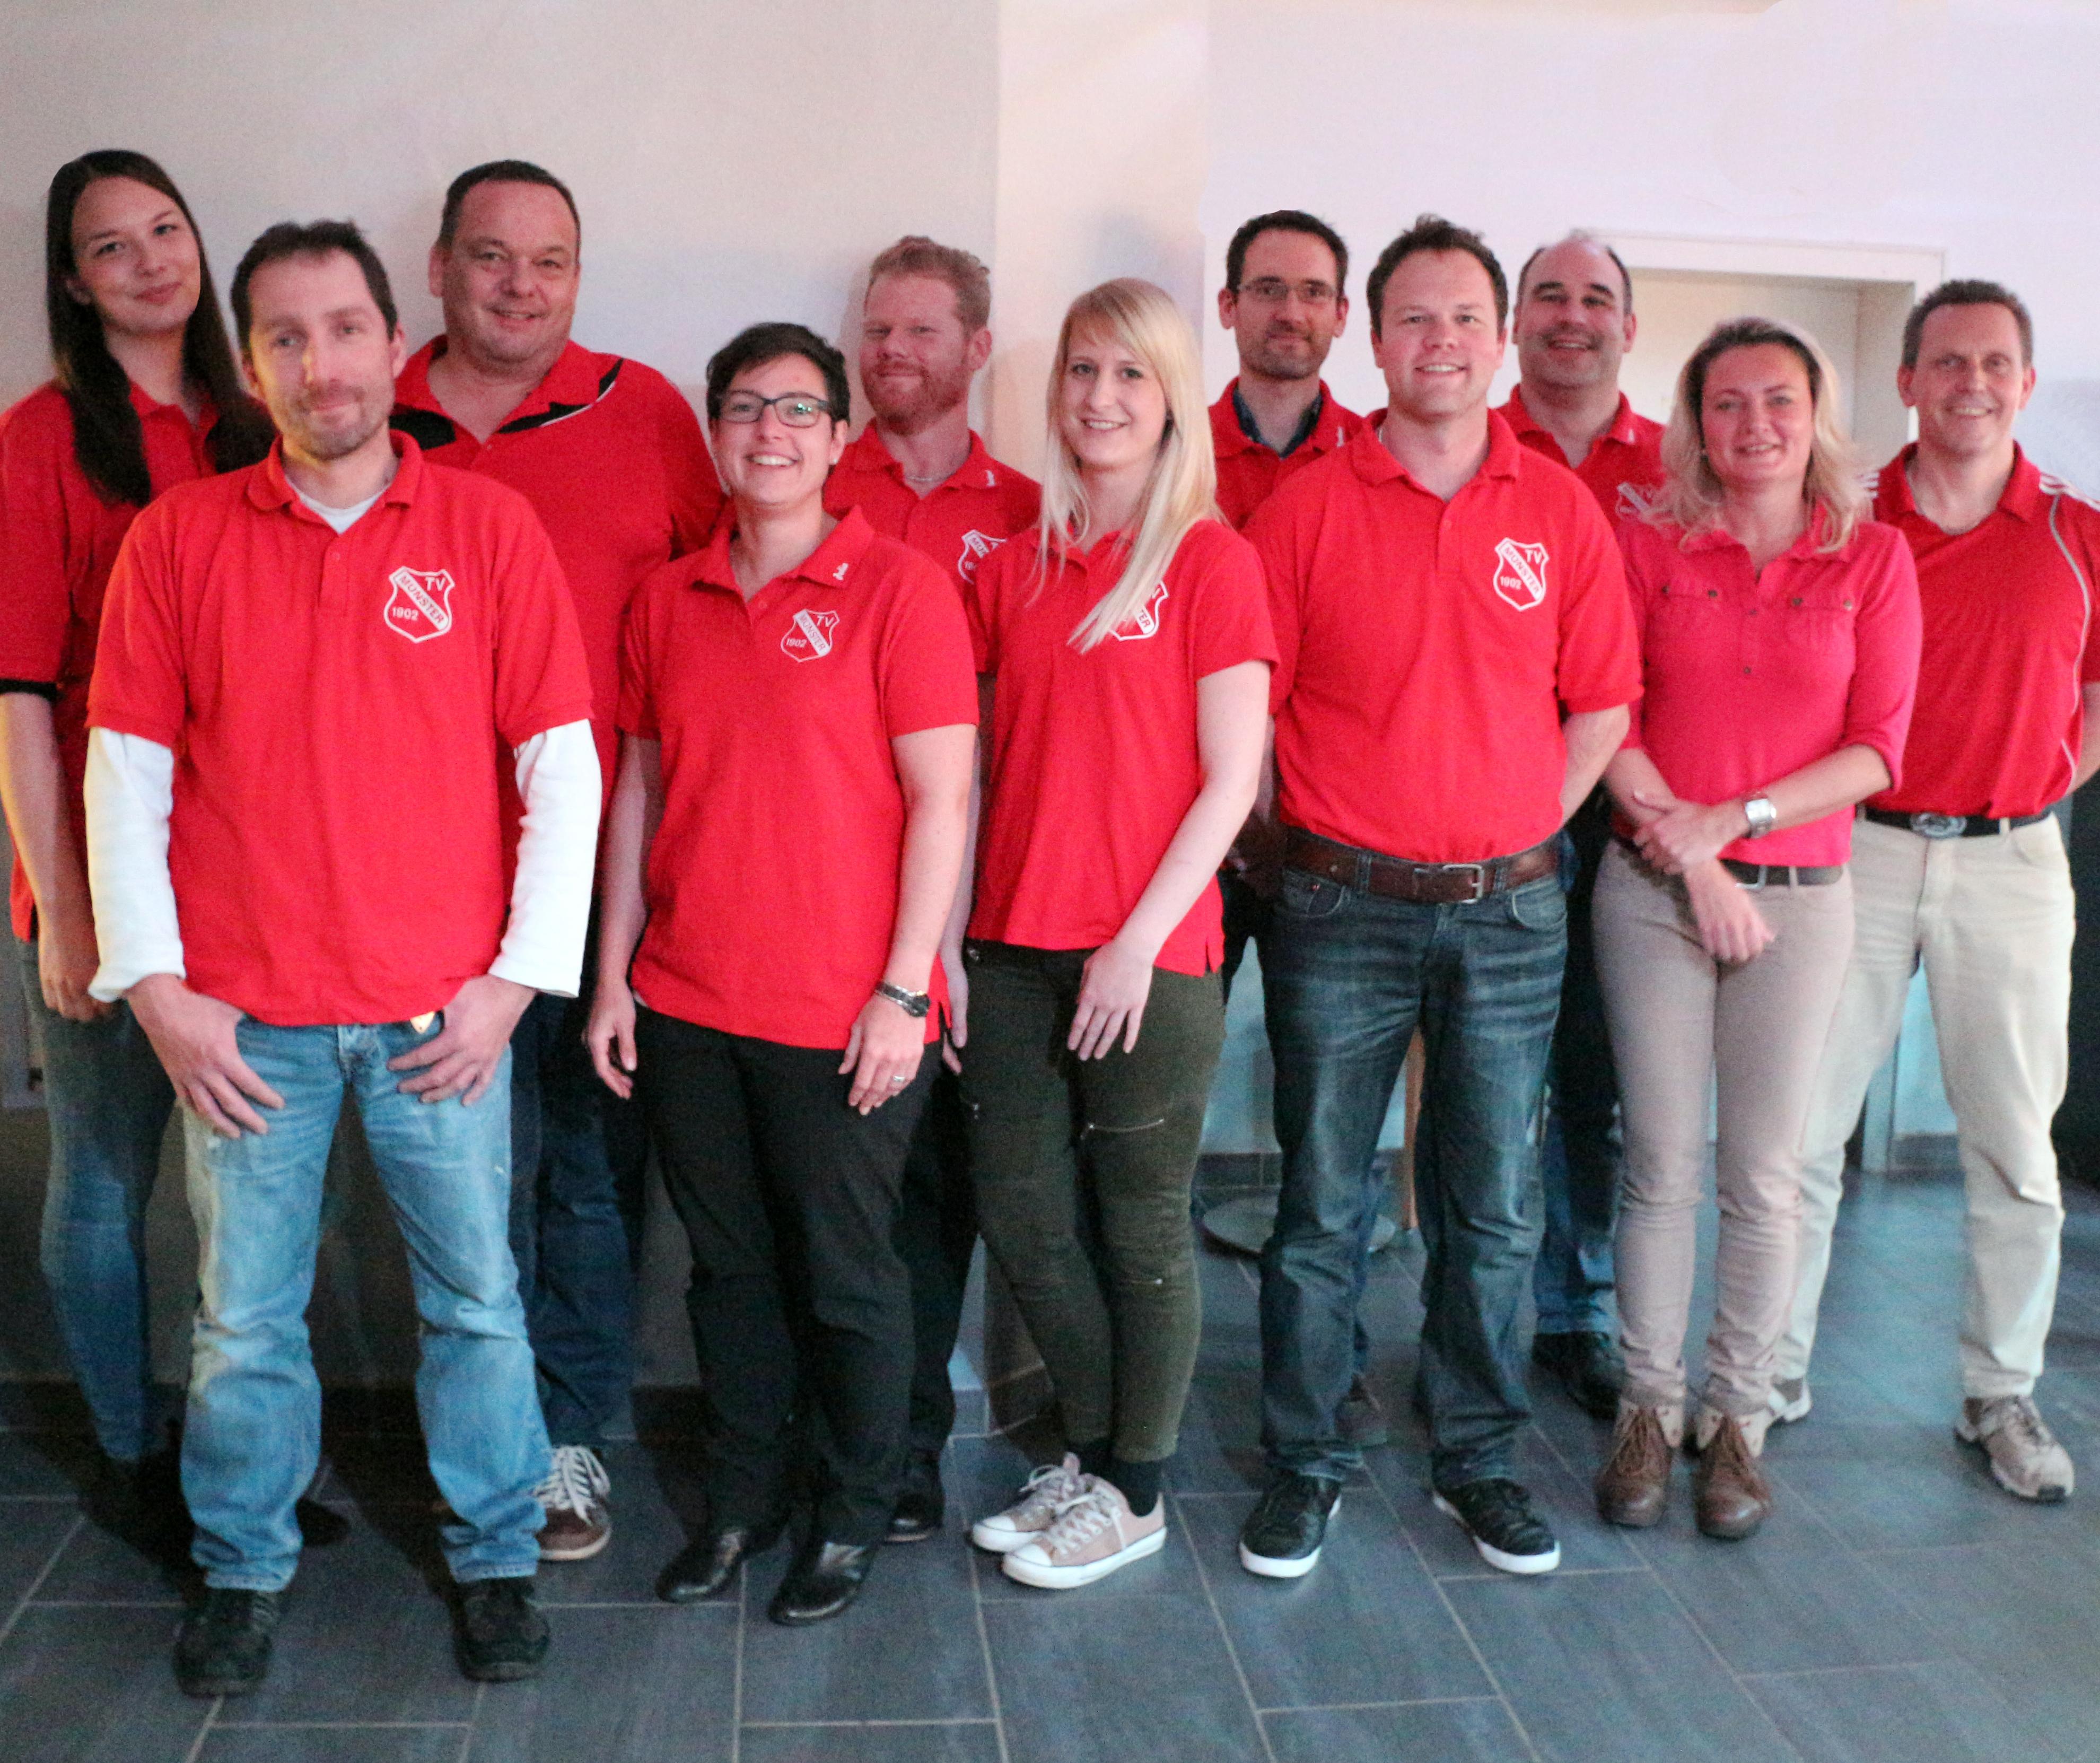 Der Vorstand des TV Münster begrüßt Sie!